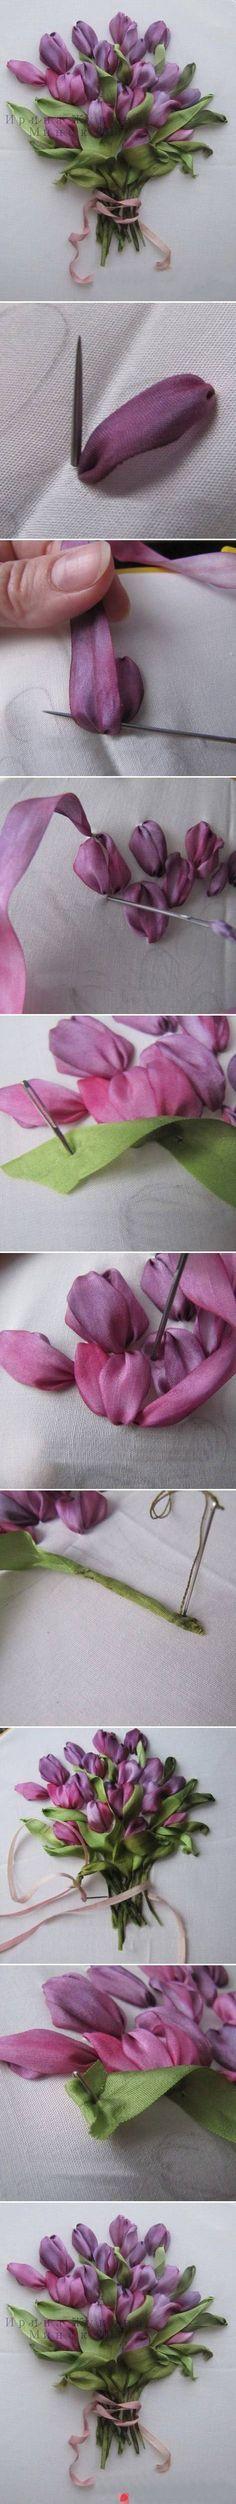 tulipanes de lazo § buonissimo tutorial di ricamo con nastri, cinese. §